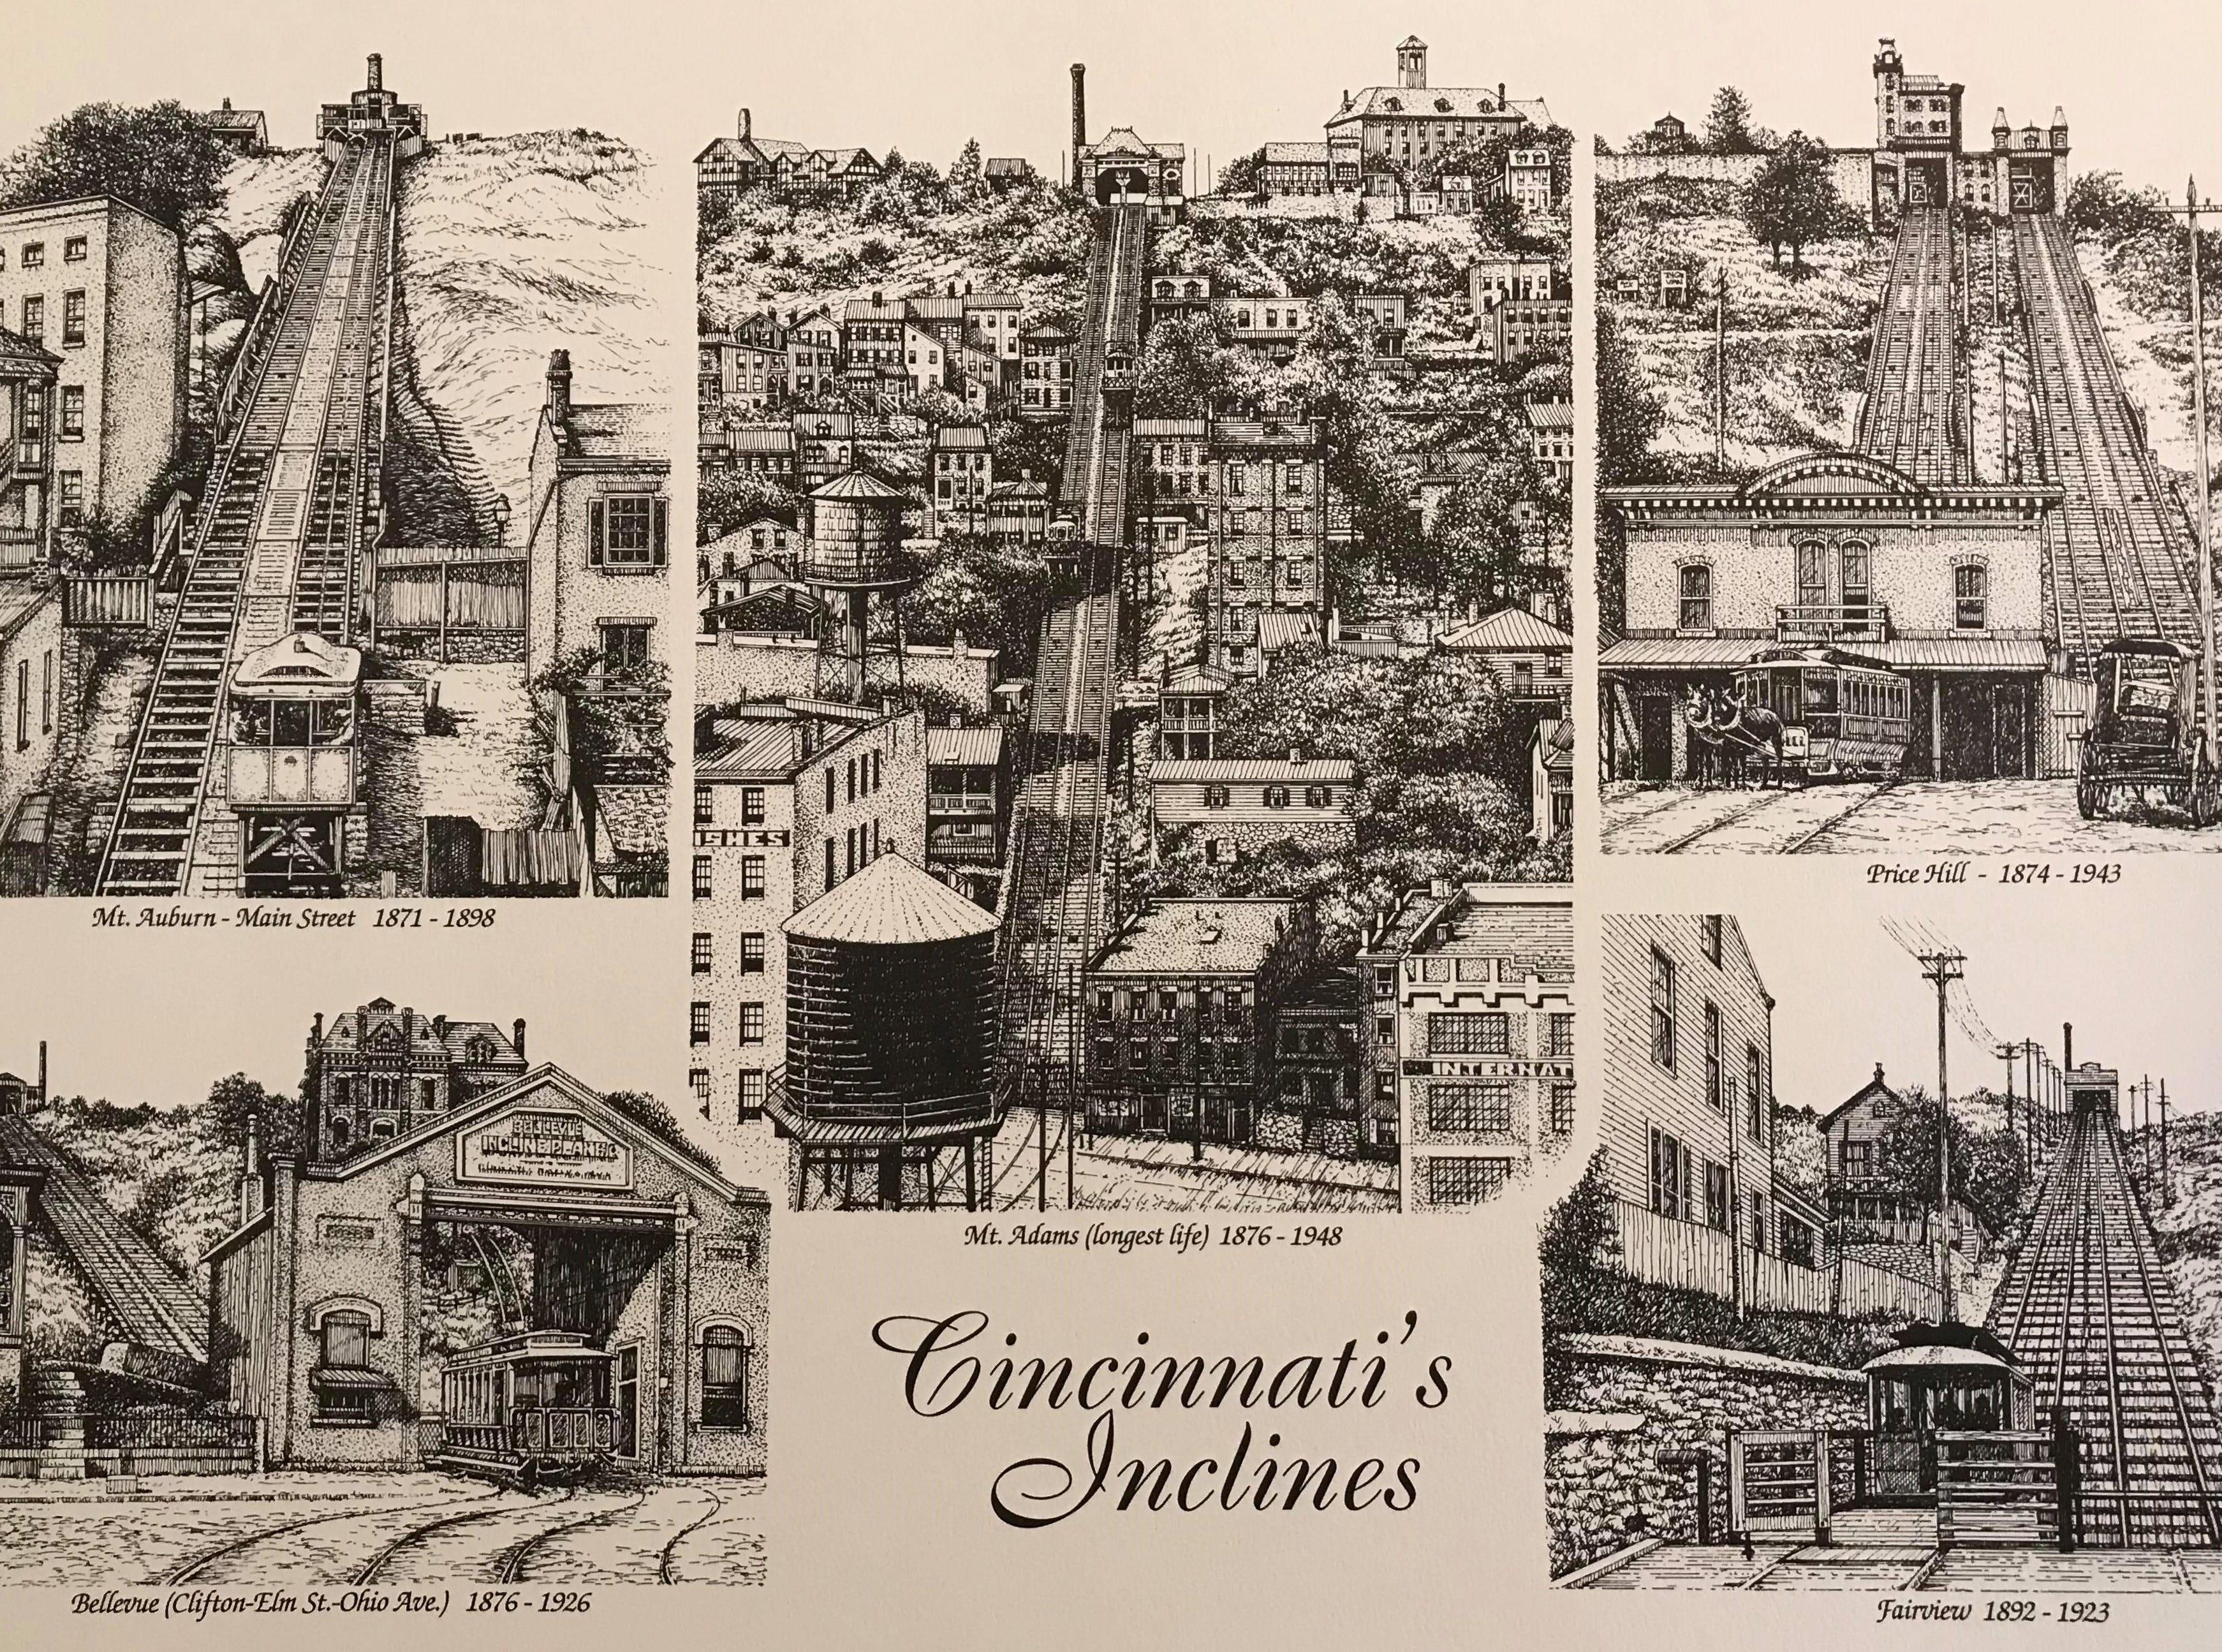 This is Thom Van Benschoten's print of Cincinnati's inclines.